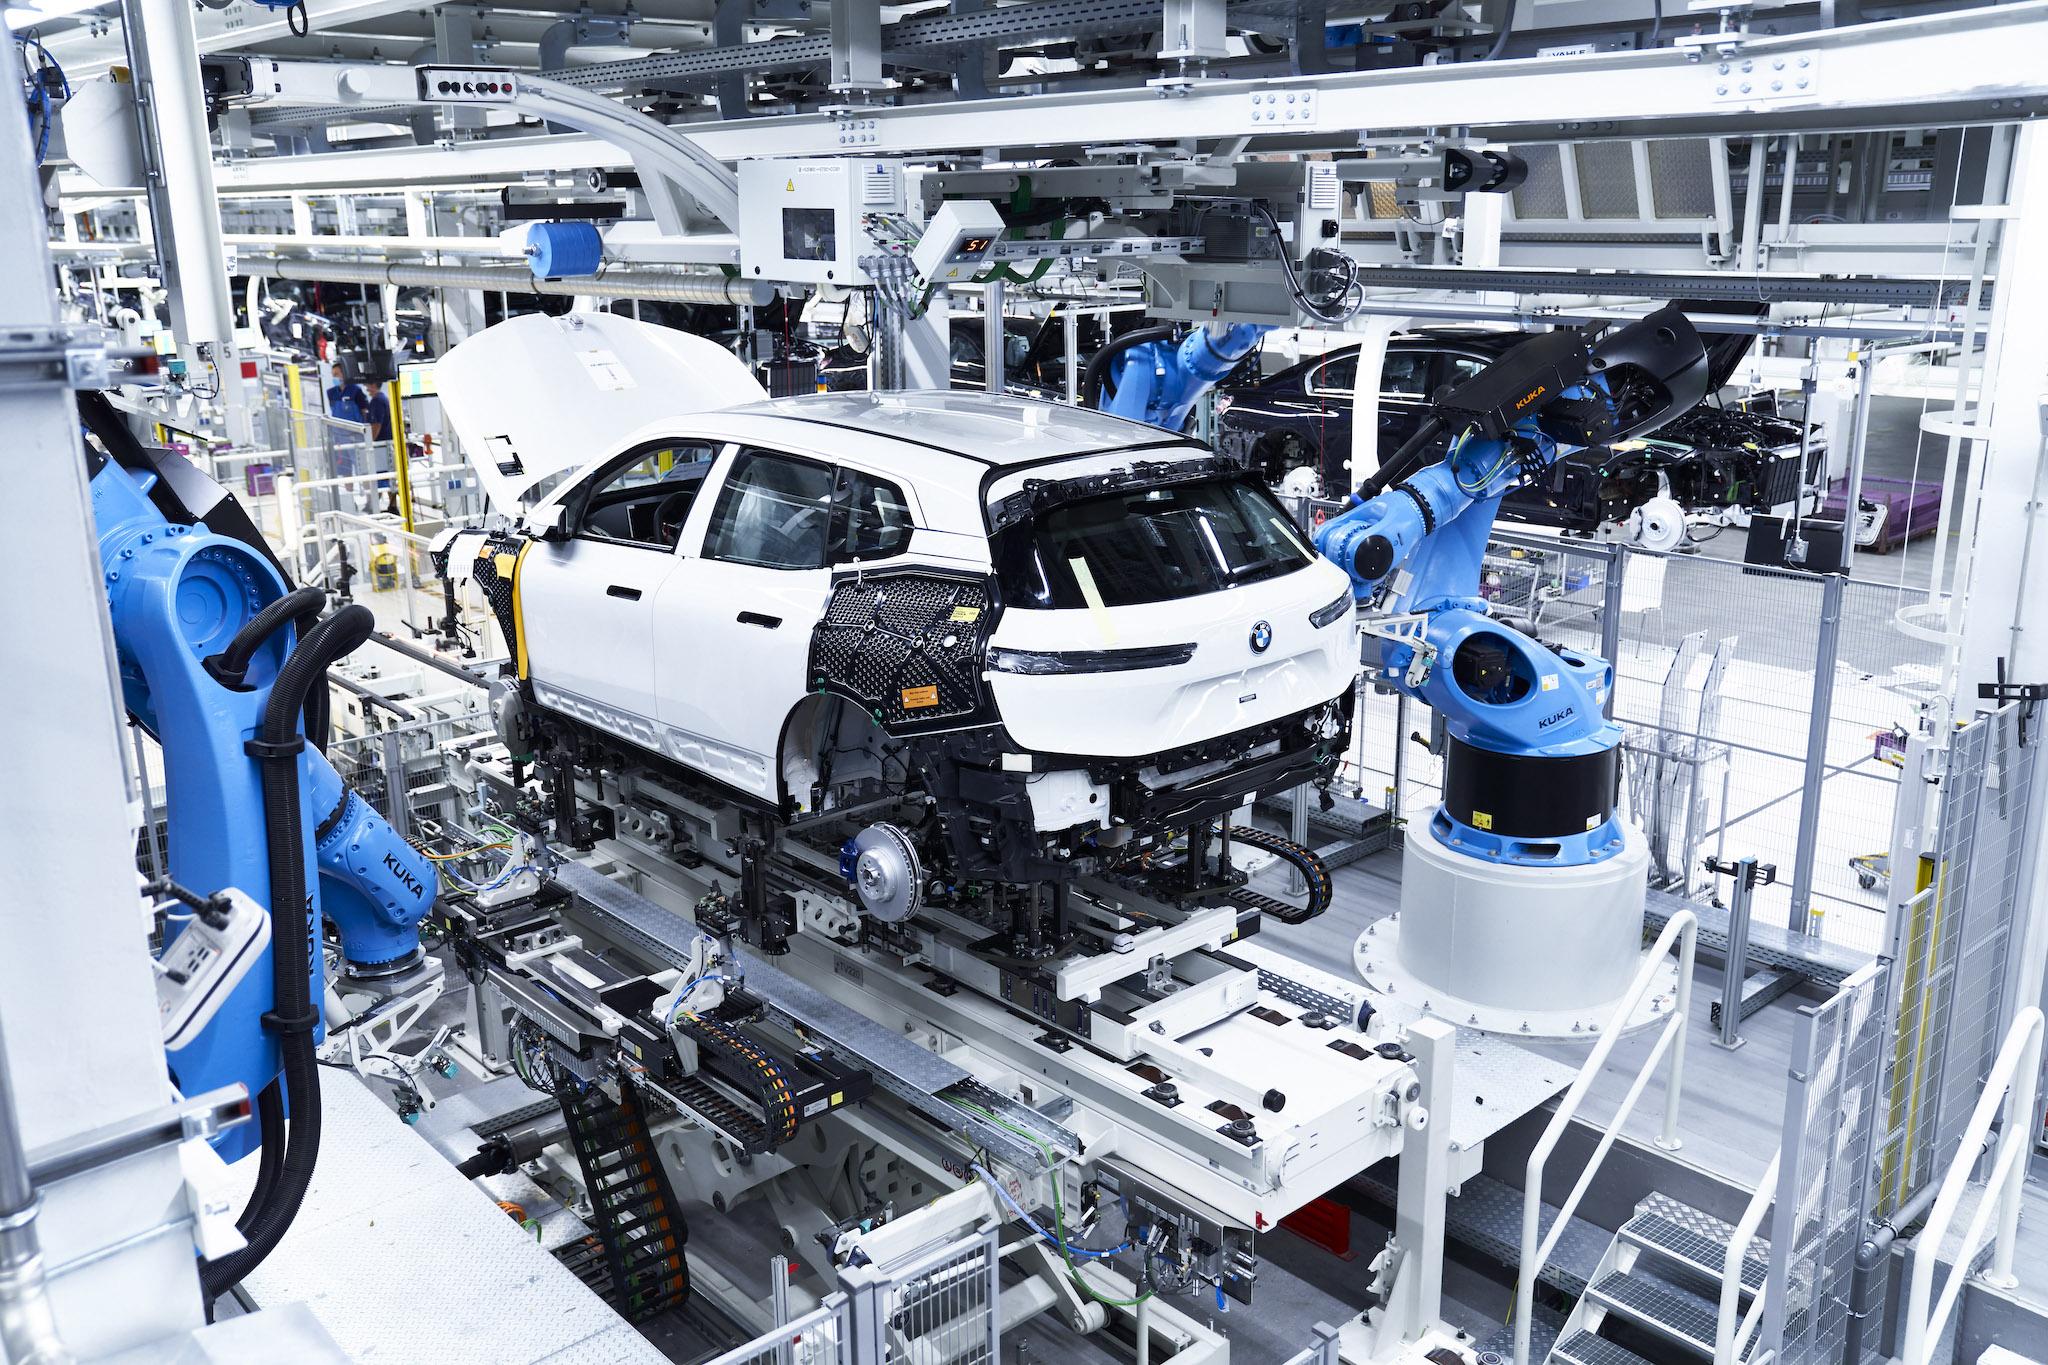 BMW iX 的電動馬達從生產階段開始就不使用稀土金屬,高壓電池回收率也極高。同時,用來生產電池與車輛的電力都源自可再生能源。